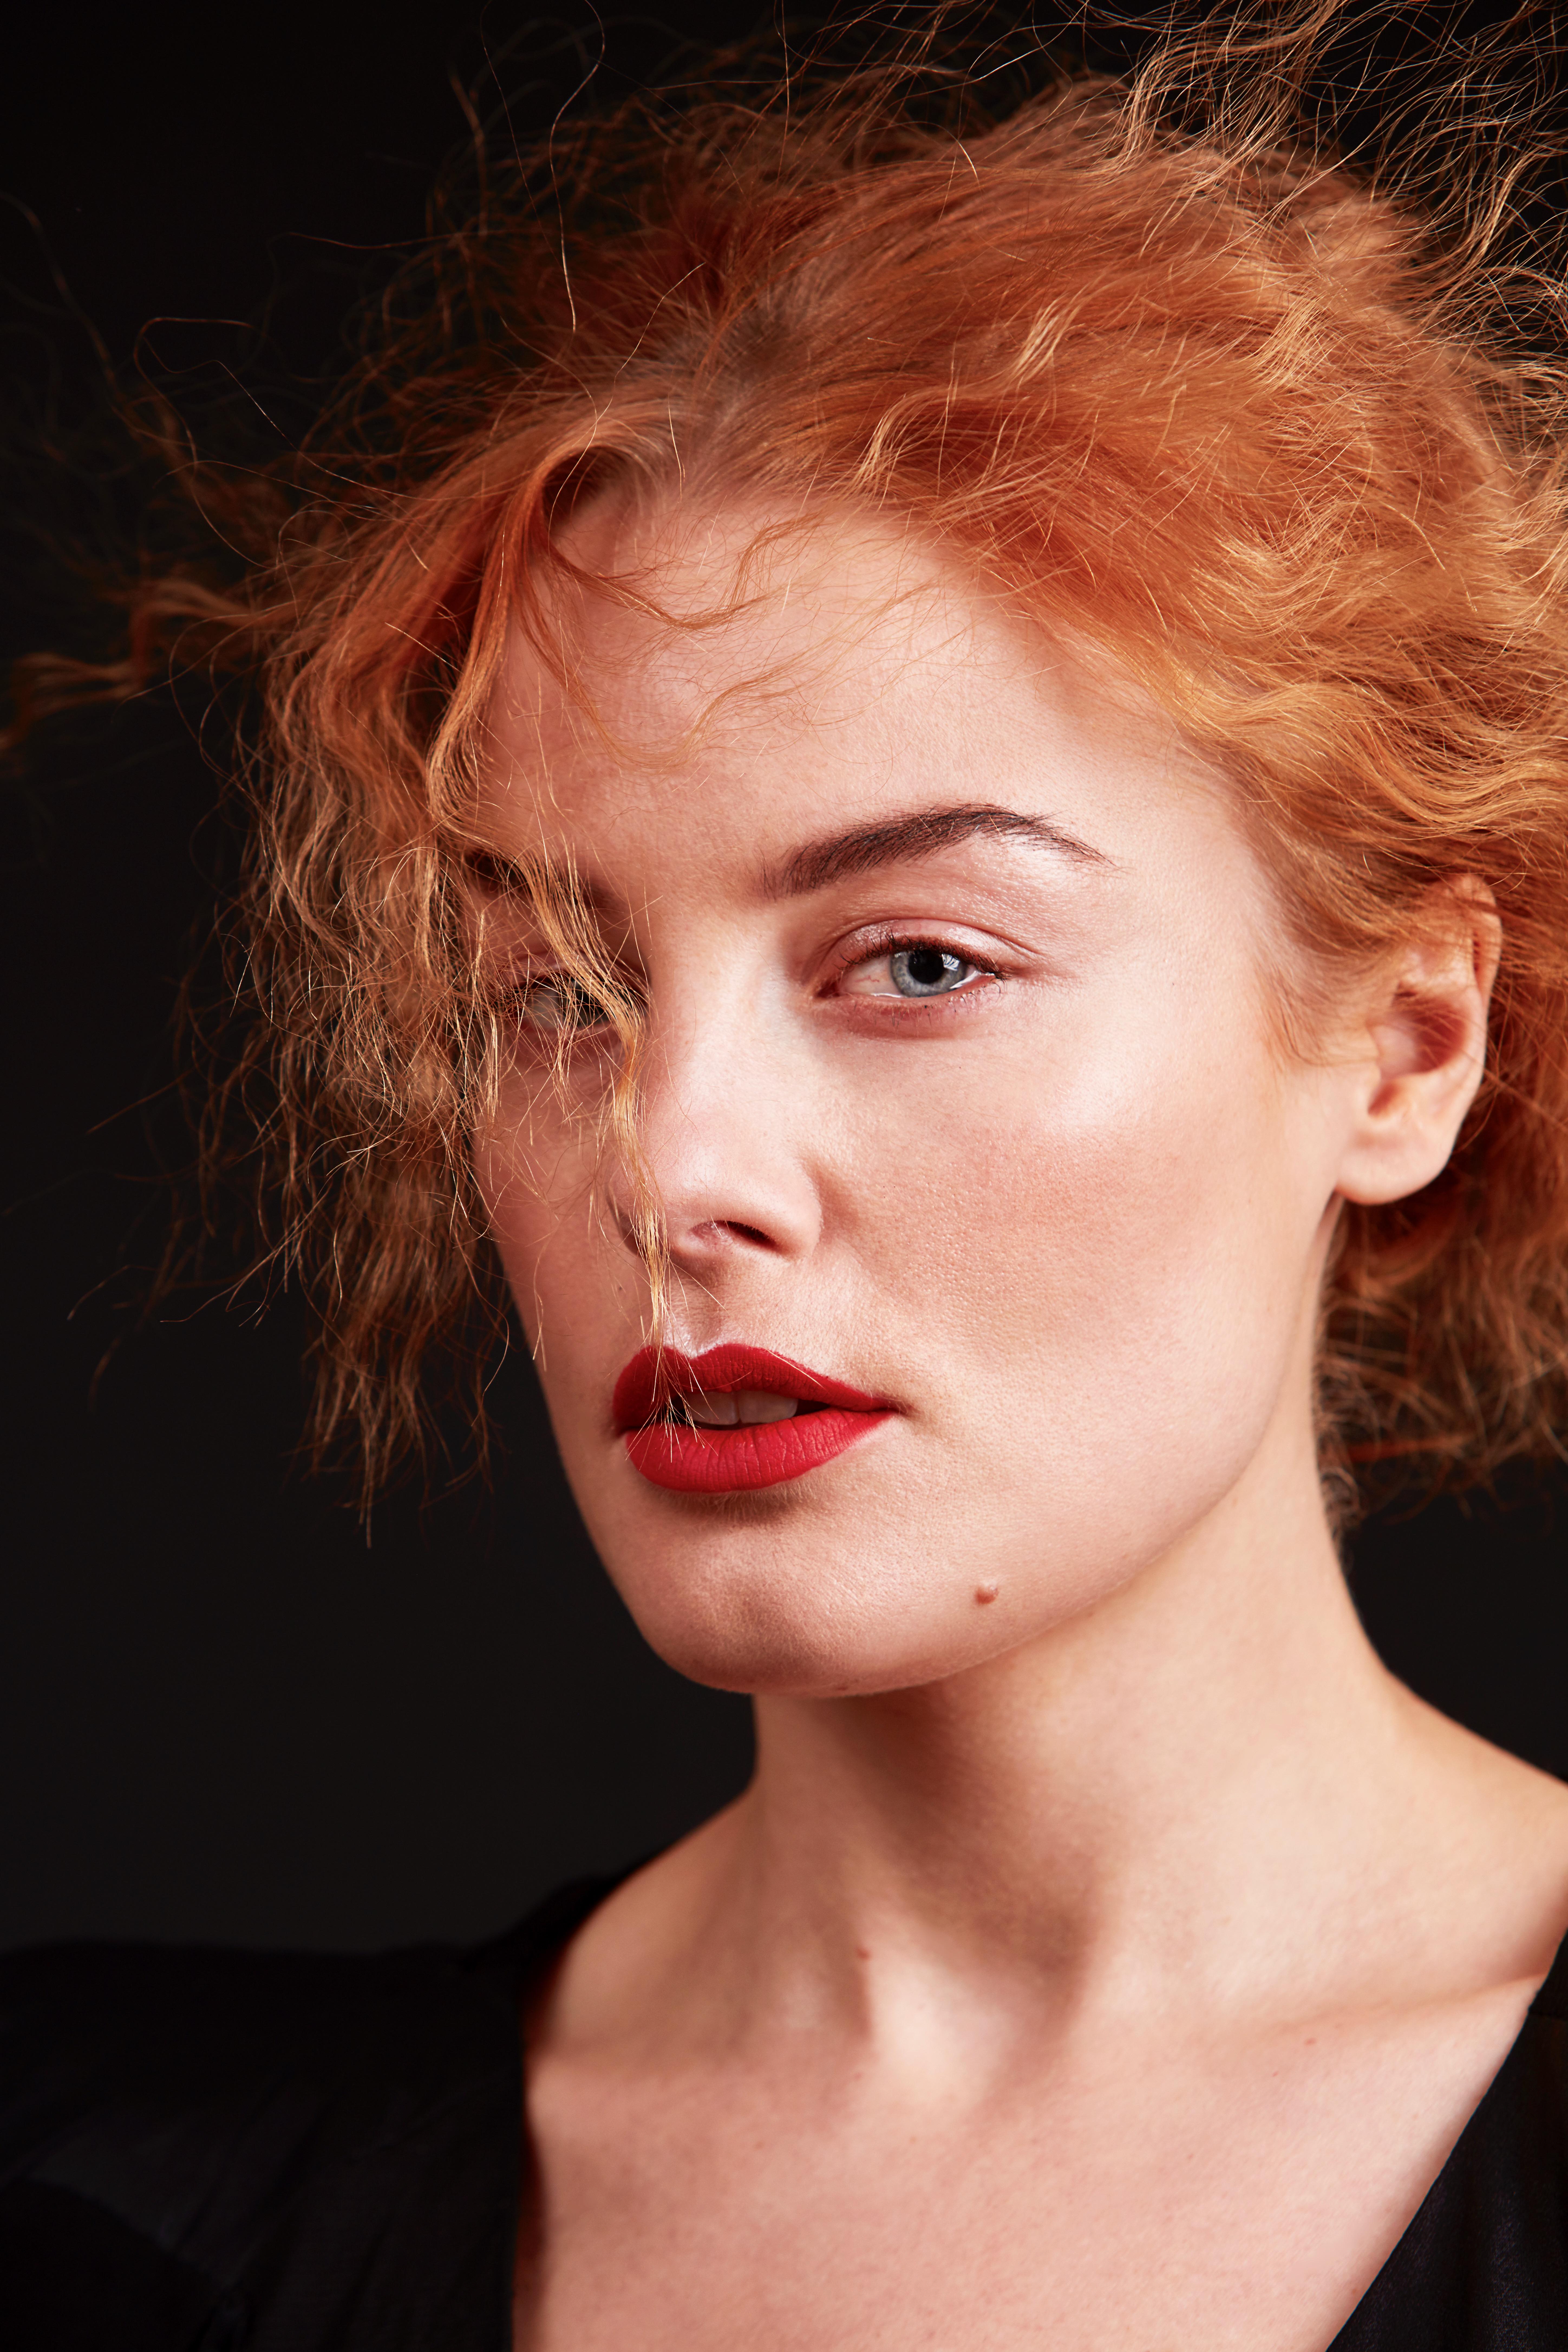 Ida Engvoll Nude Photos 4